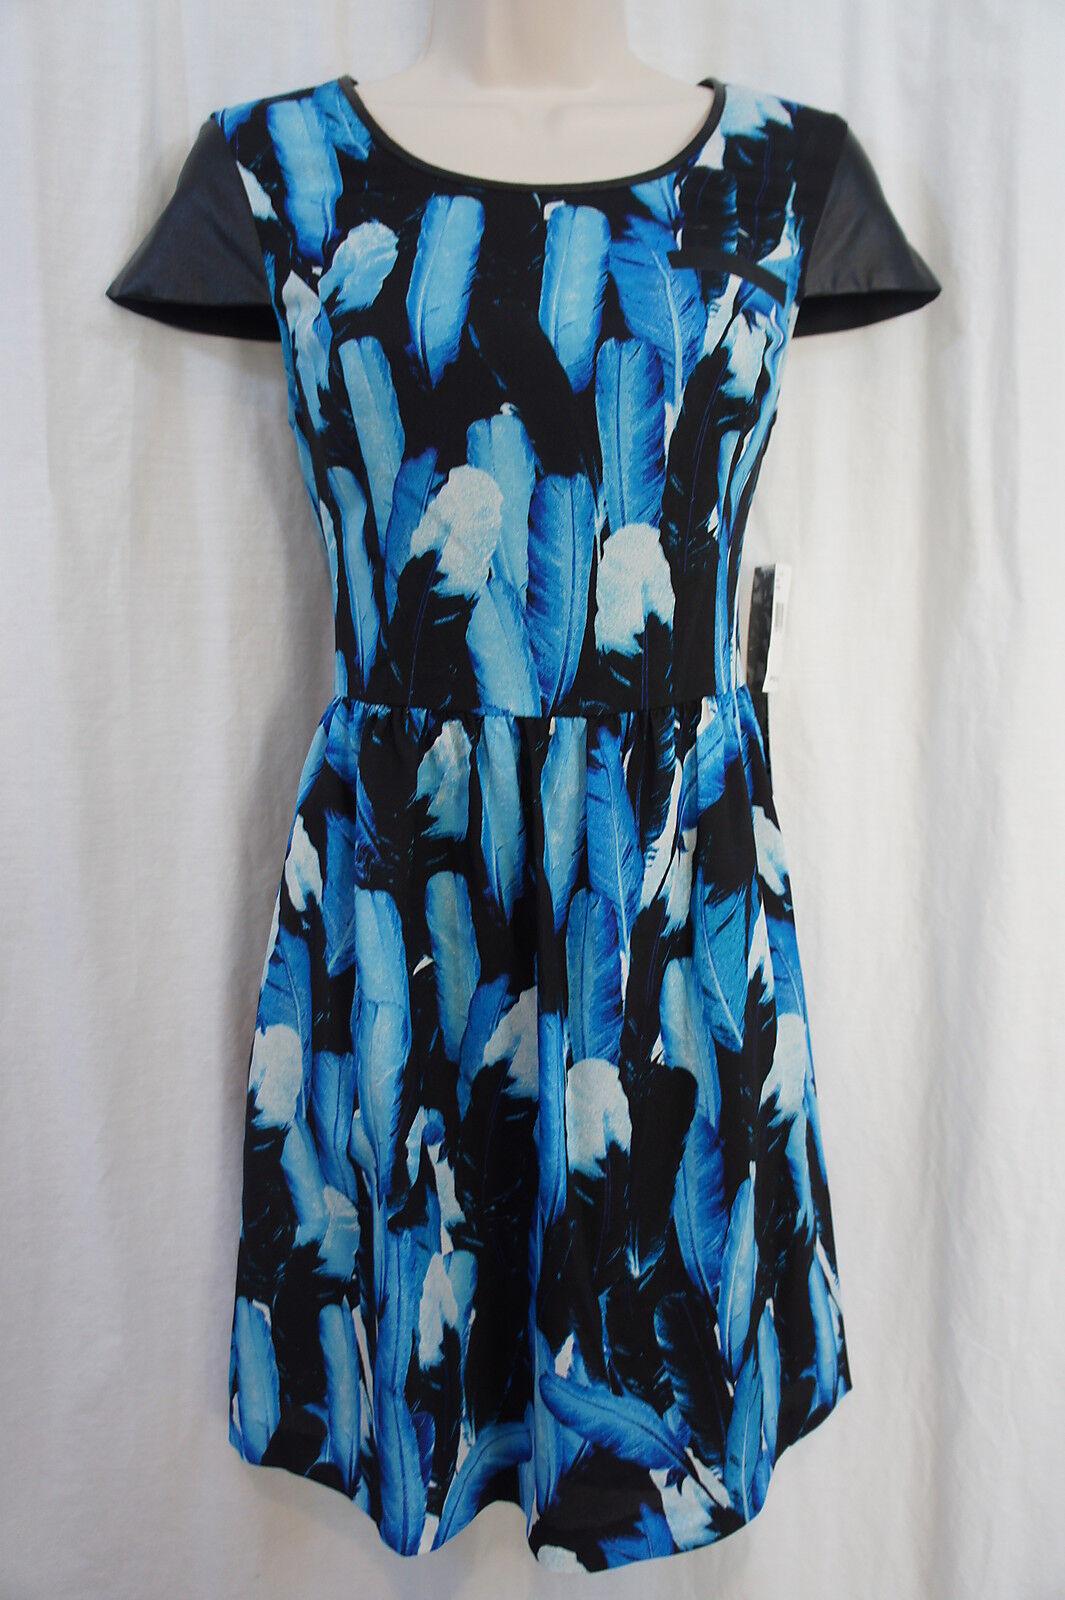 Kensie Dress Sz 10 Blau Cobalt Combo Cap Sleeve Faux Pocket Cocktail Party Dress